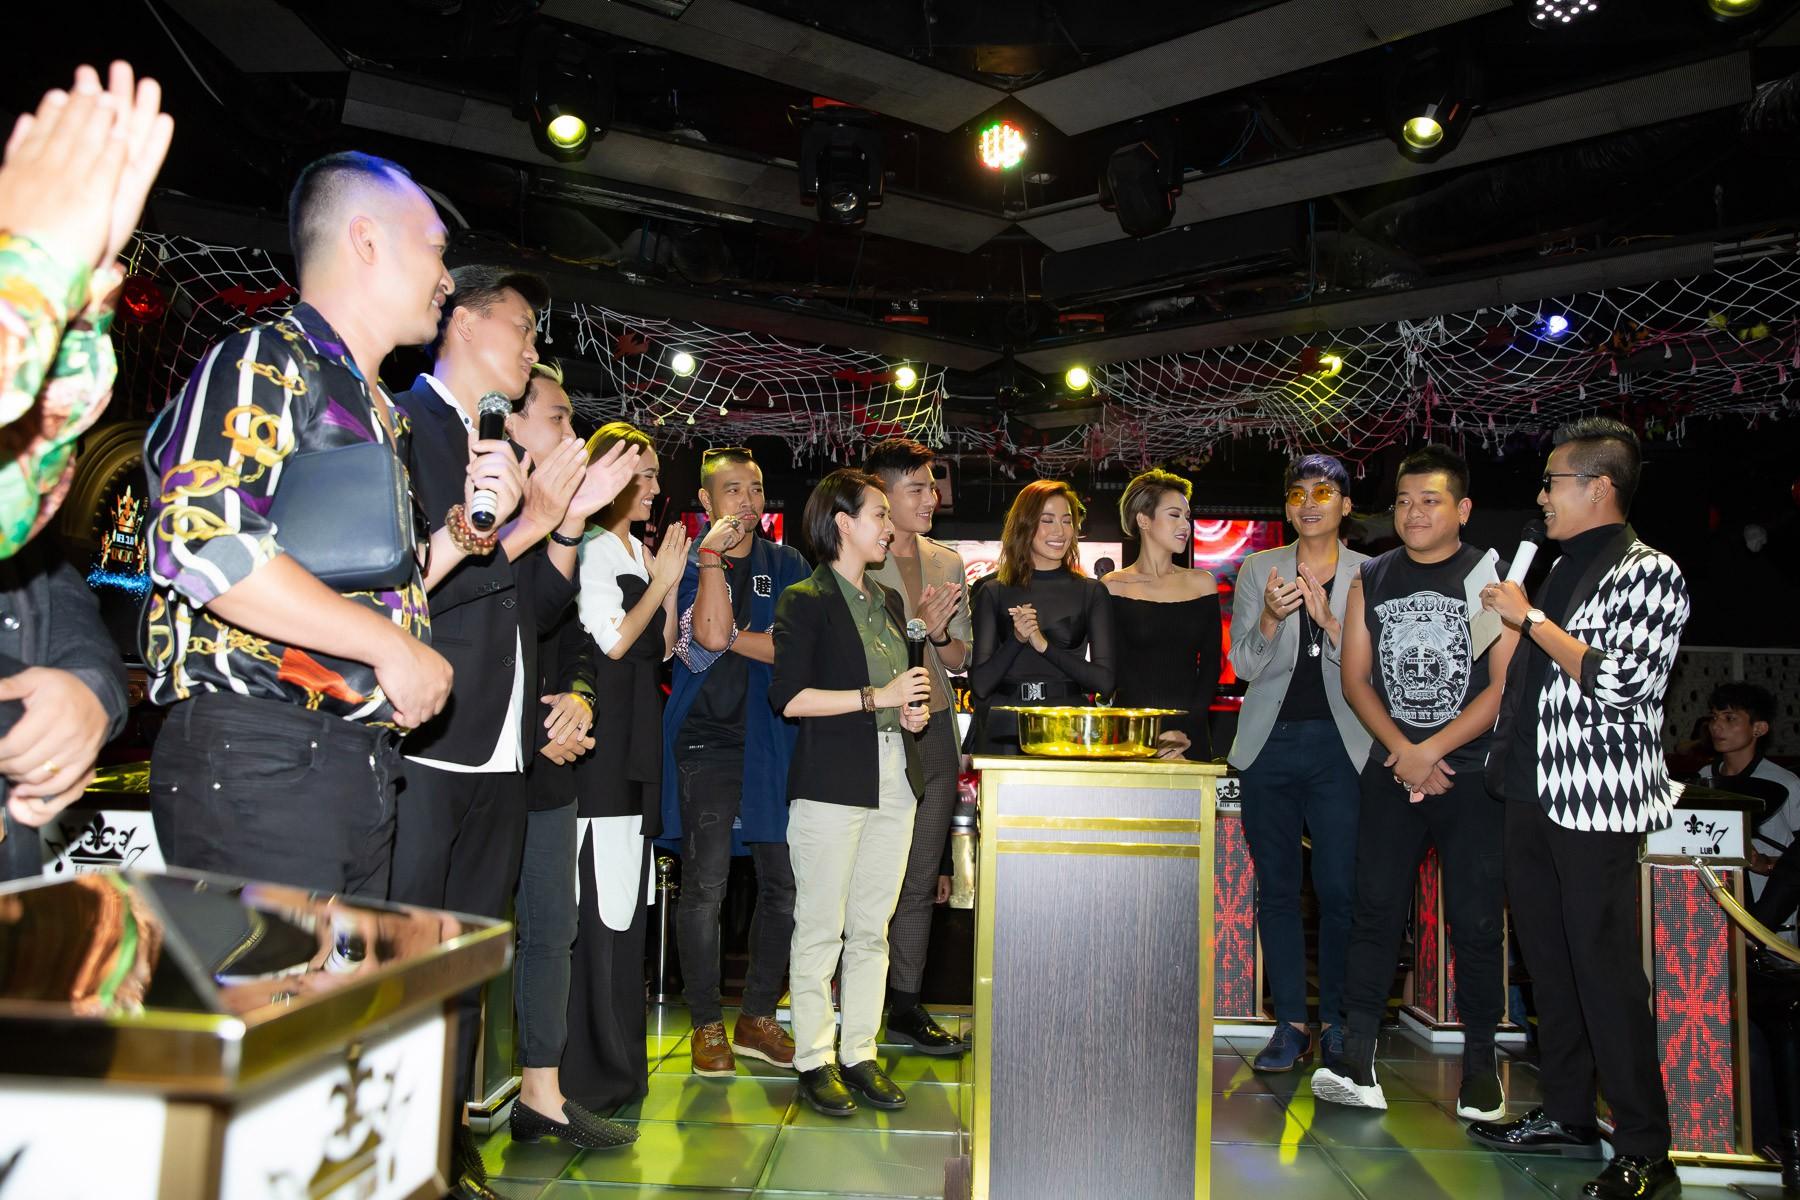 Chị Mười Ba Thu Trang tuyên bố sẽ cai nghiện thuốc lá thành công trong bản điện ảnh - Ảnh 7.